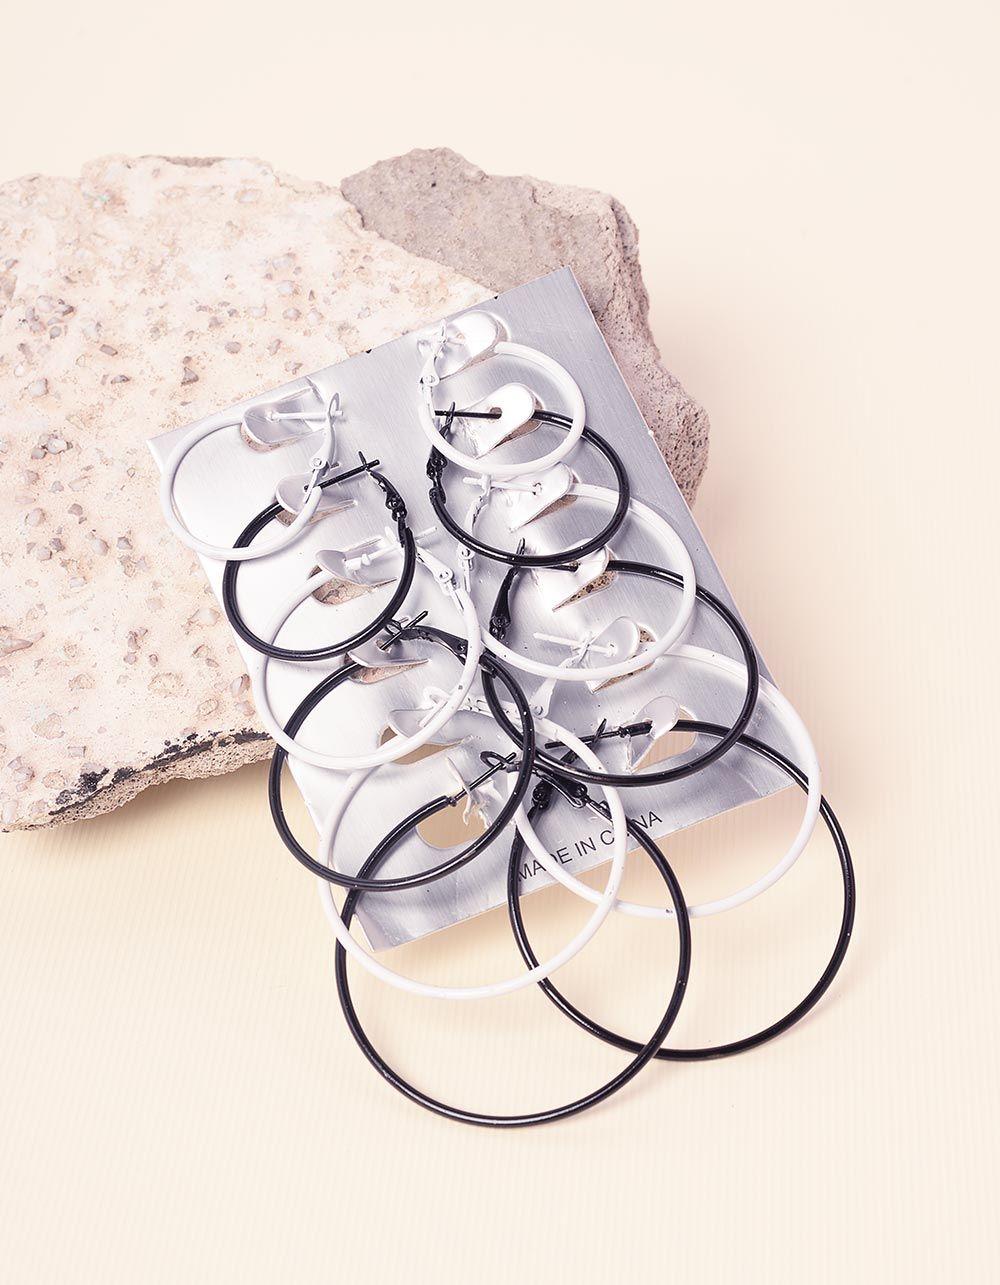 Сережки кільця в наборі | 232646-02-XX